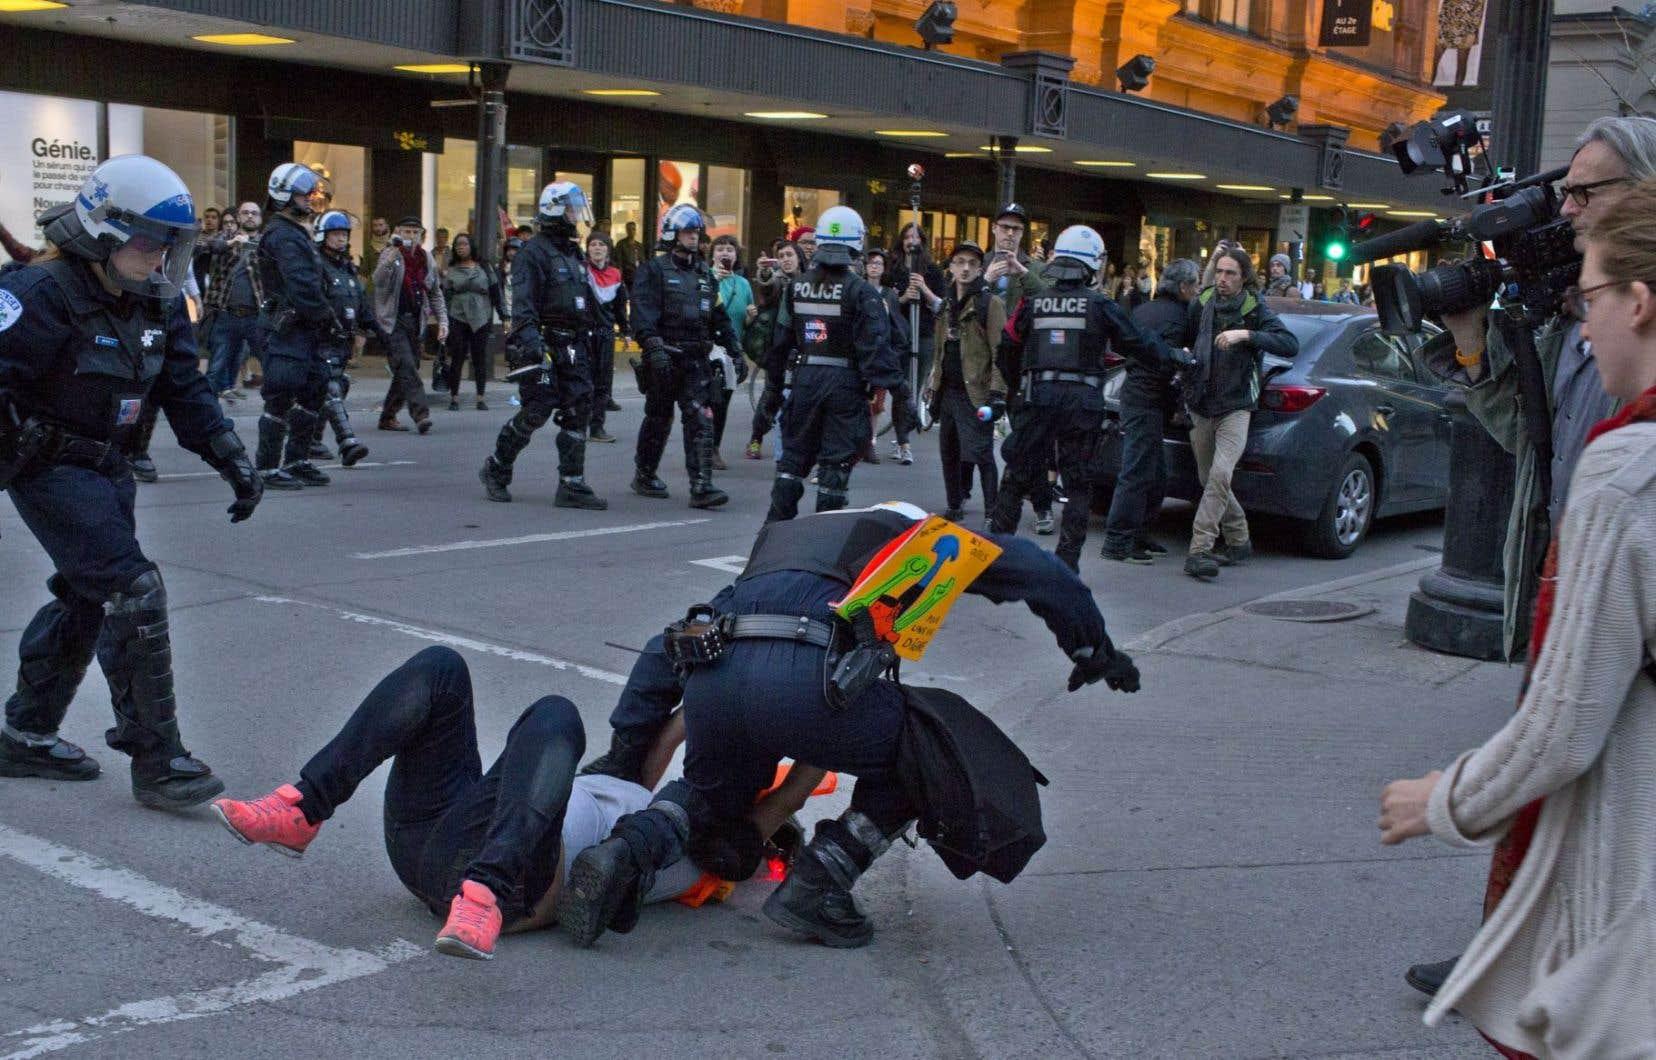 Le gouvernement canadien était aussi invité à expliquer au comité de l'ONU « les restrictions illicites qui auraient été imposées au droit de réunion pacifique », notamment lors des manifestations étudiantes de 2012 au Québec.